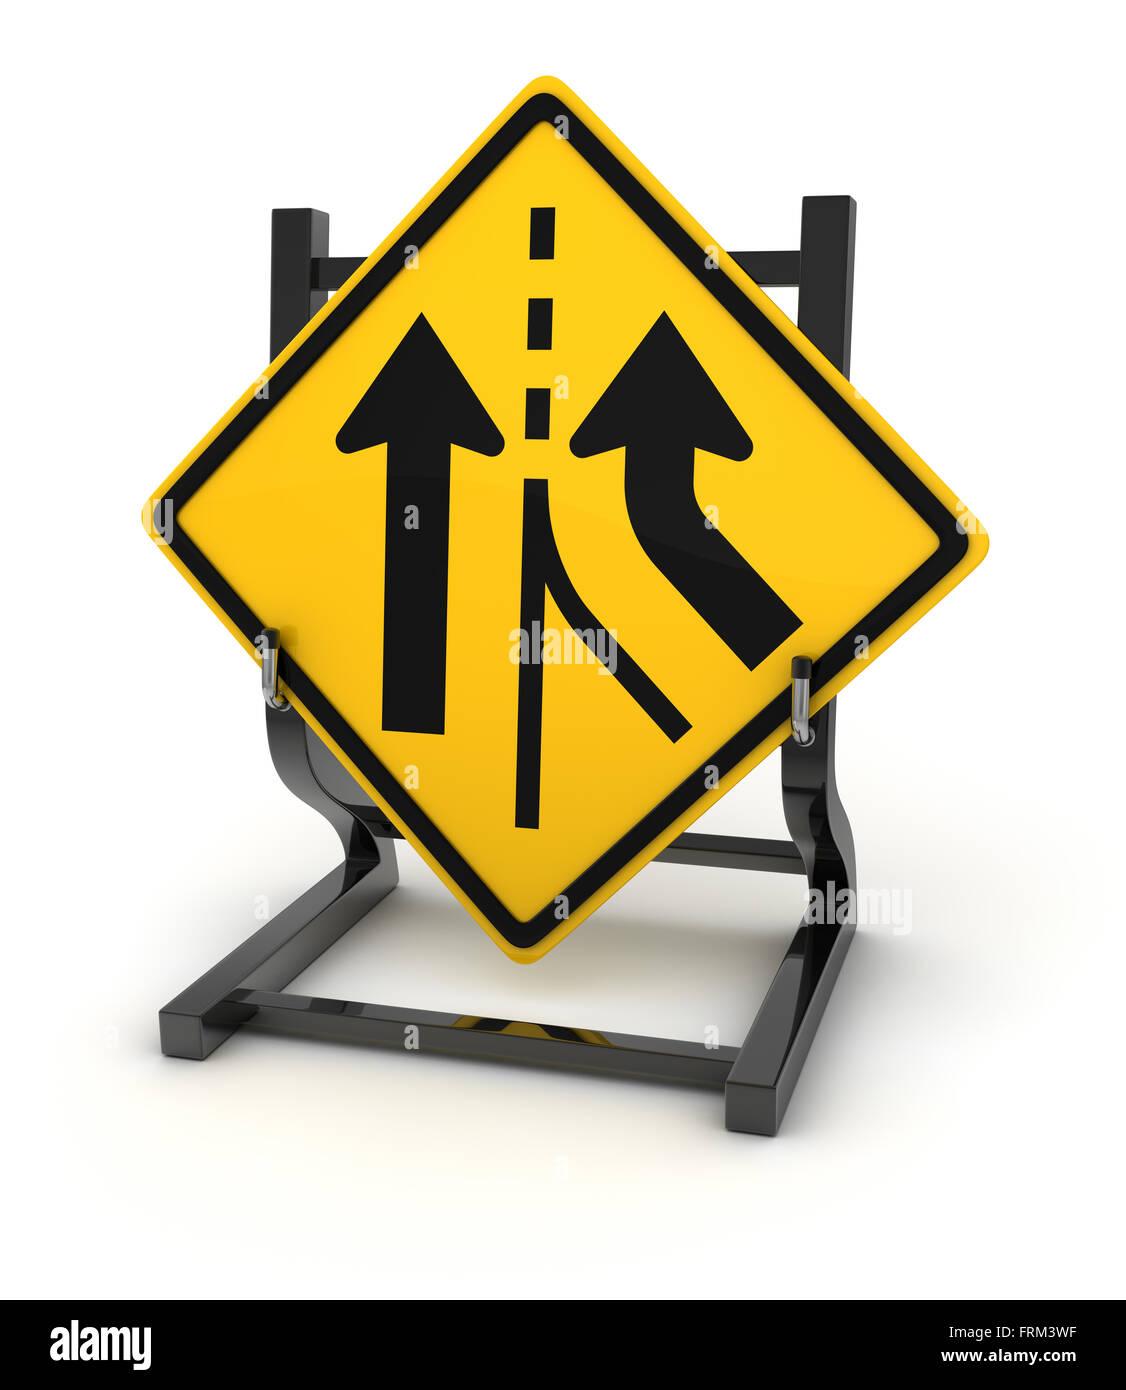 Panneau routier - carrefour , c'est un calculateur générée et 3d rendu photo. Photo Stock